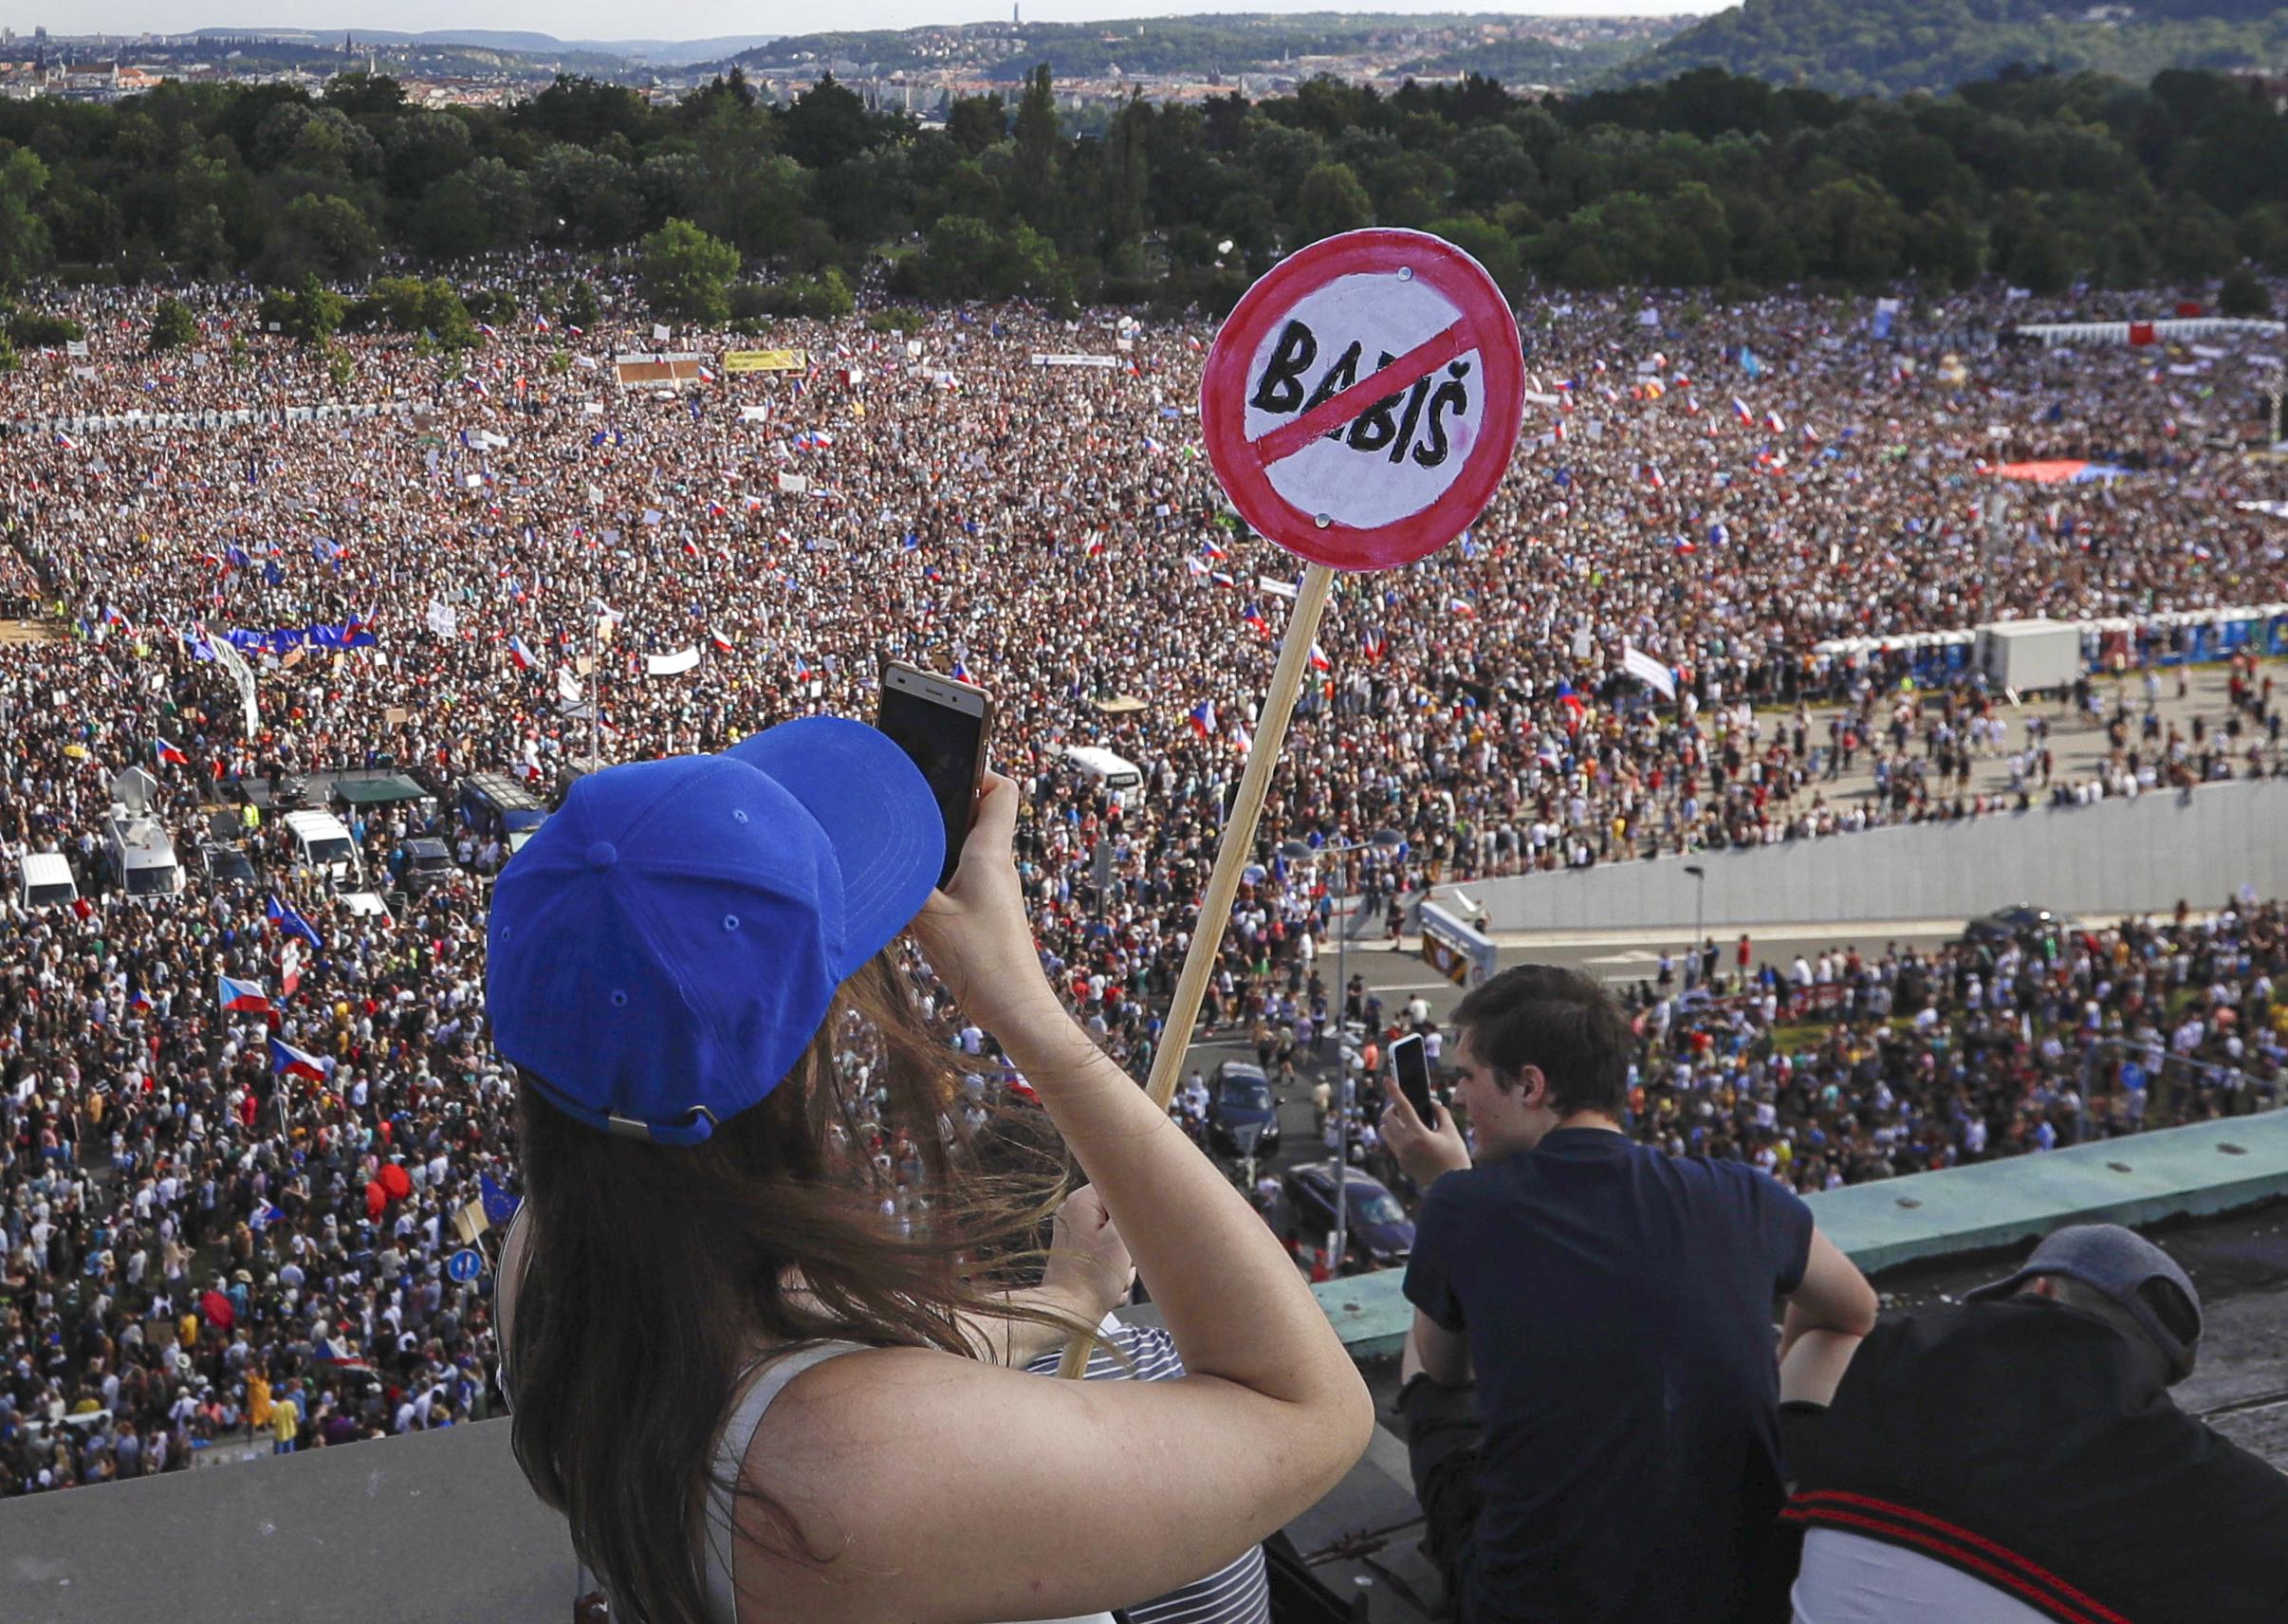 A rendszerváltás utáni legnagyobb tüntetést tartották Prágában, miután kiderült, hogy uniós pénzek jutottak a miniszterelnök környezetéhez